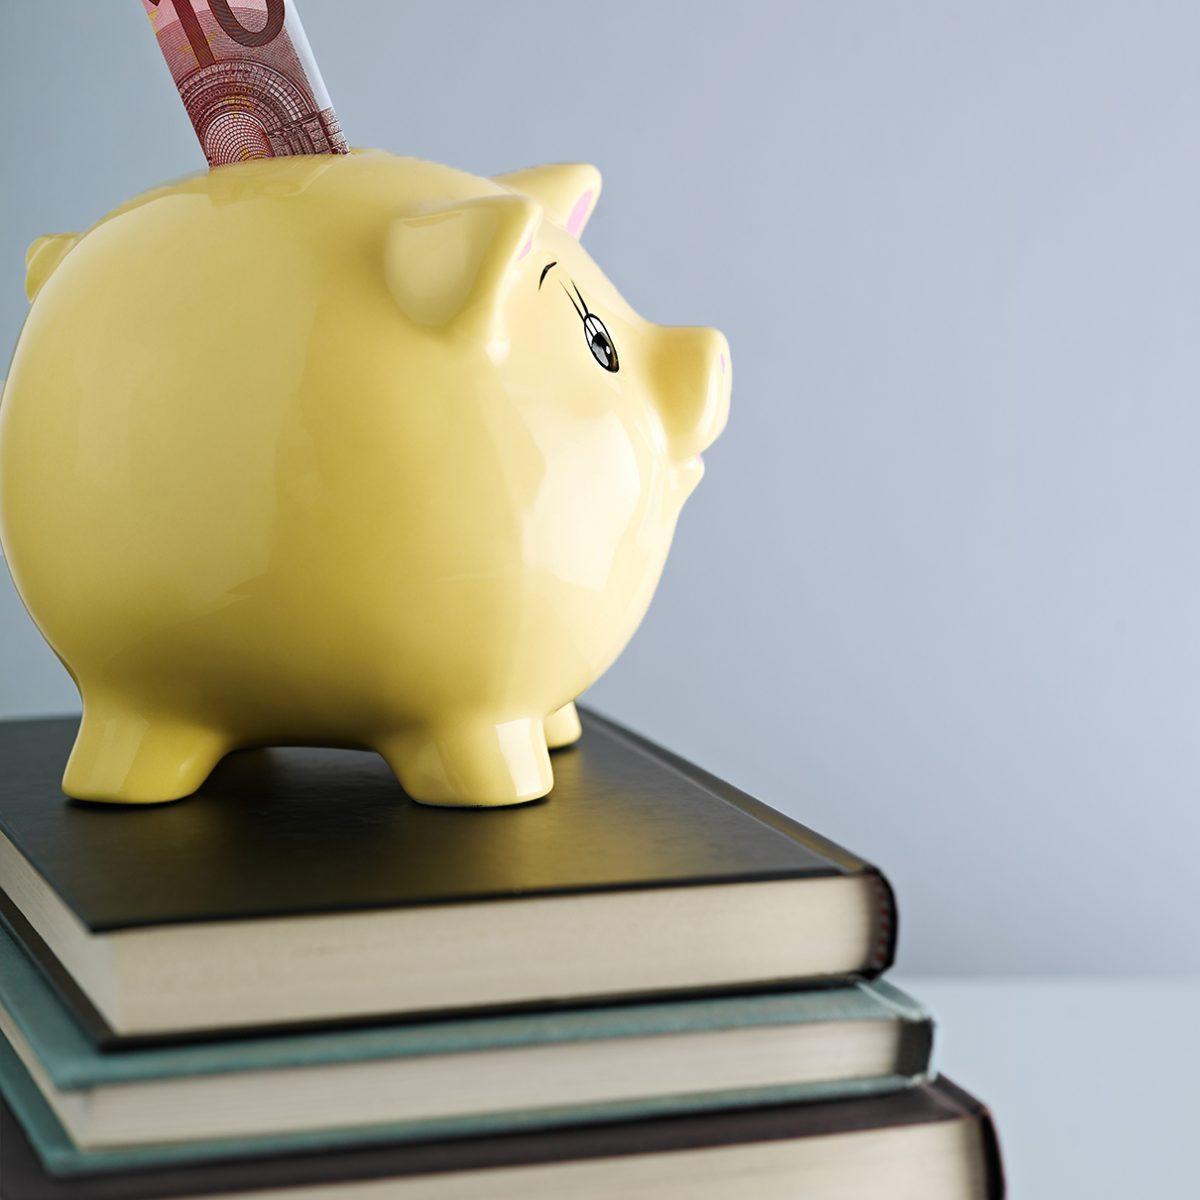 Financiën in het onderwijs